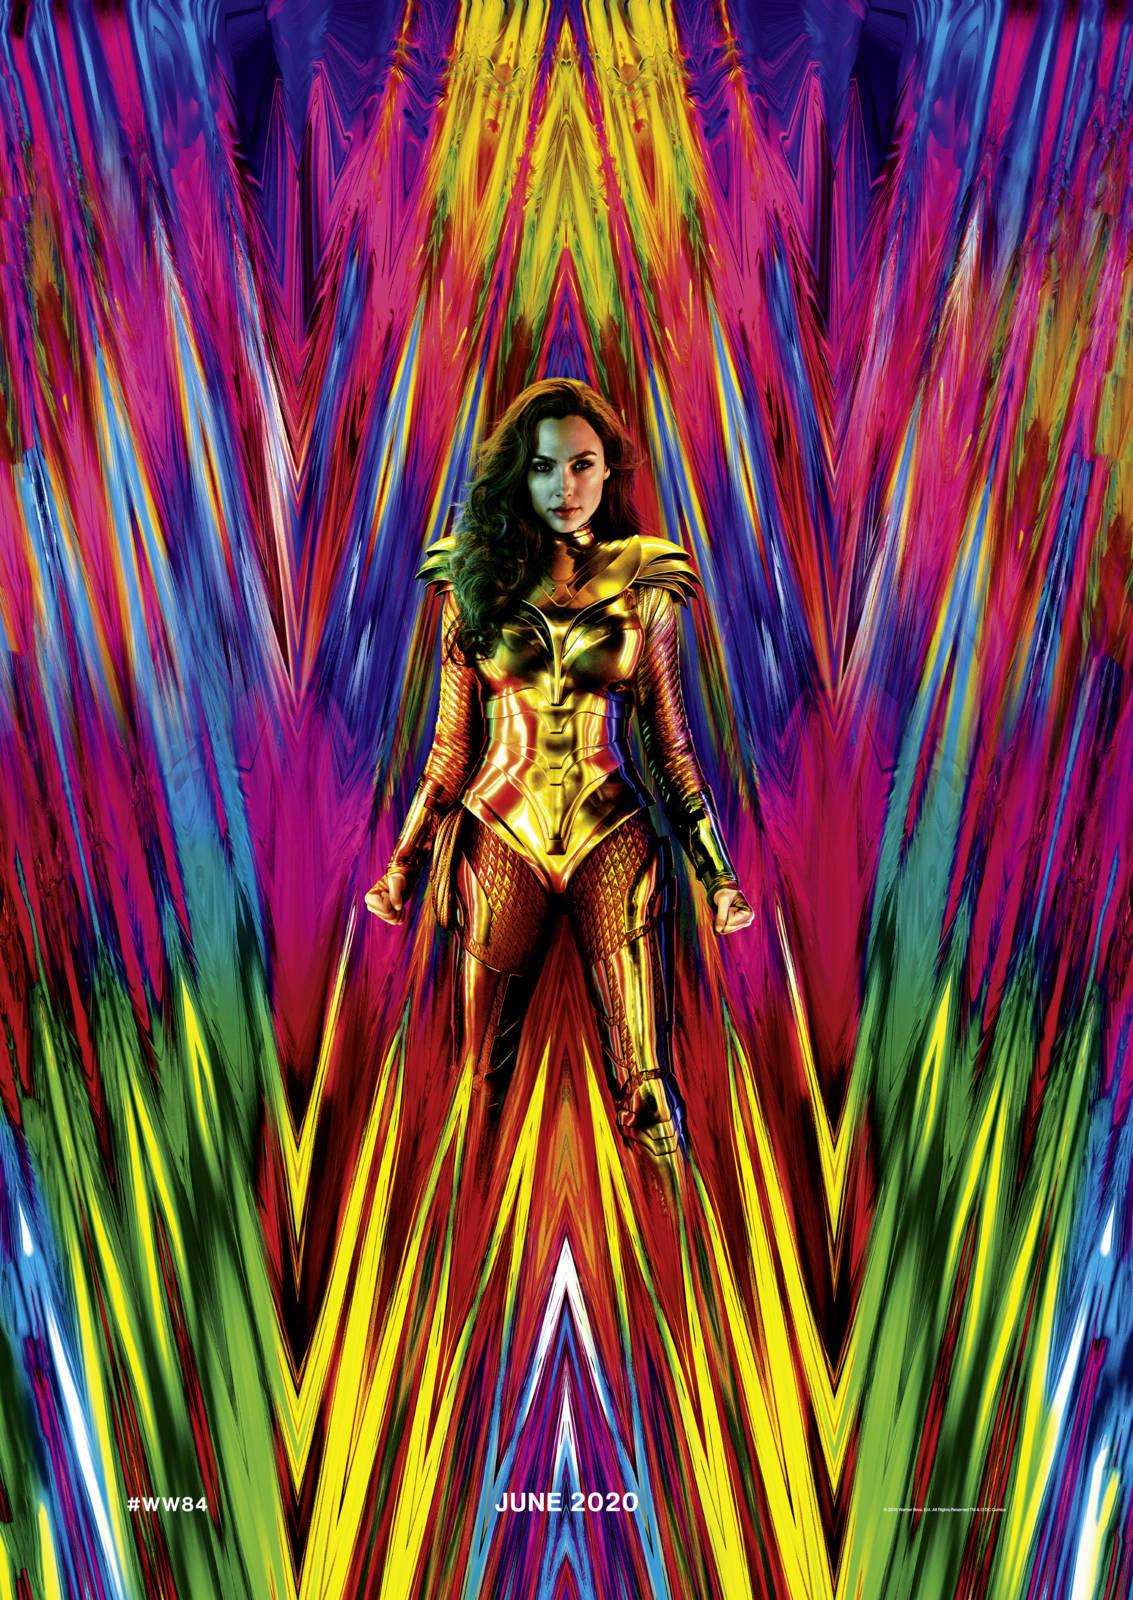 Movie Wonder Woman 1984 Cineman